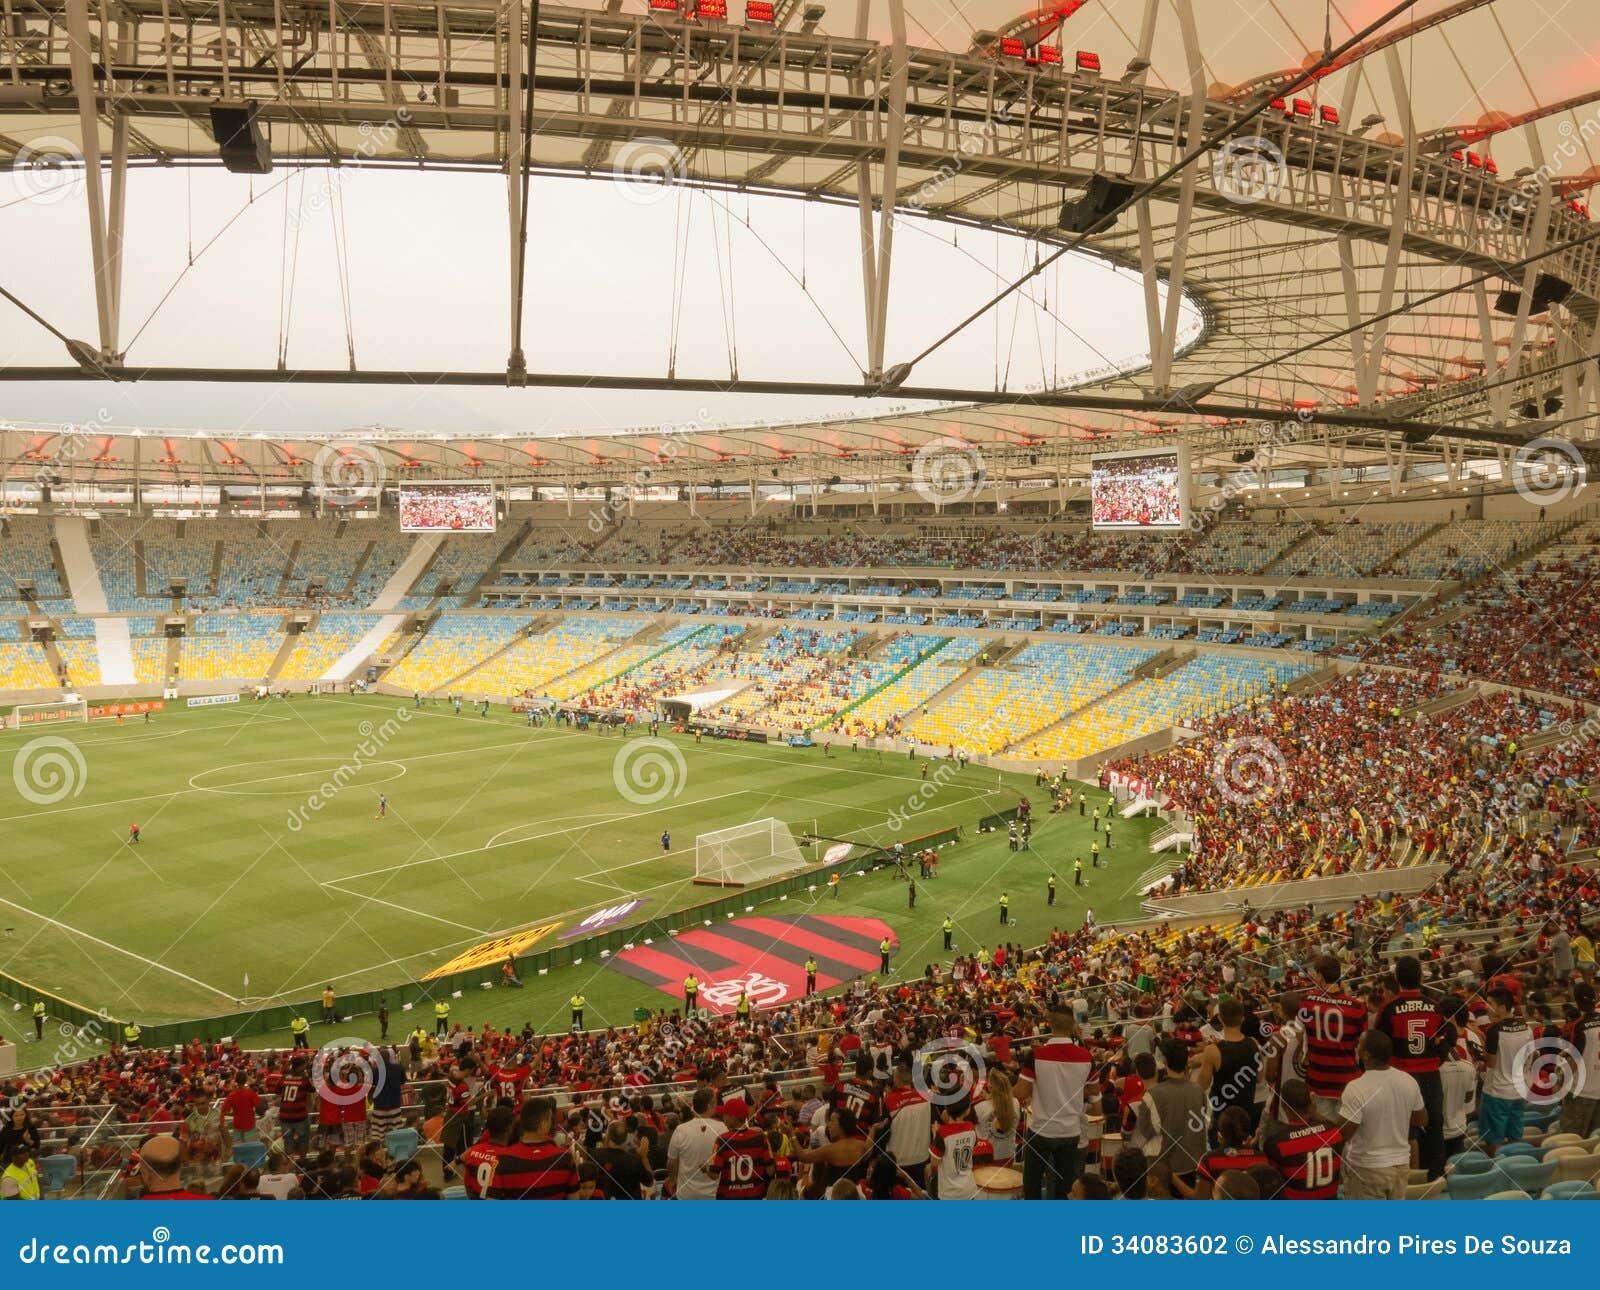 Jogo de futebol no estádio novo de Maracana - Flamengo contra Criciuma - Rio  de janeiro 5fd381128d868